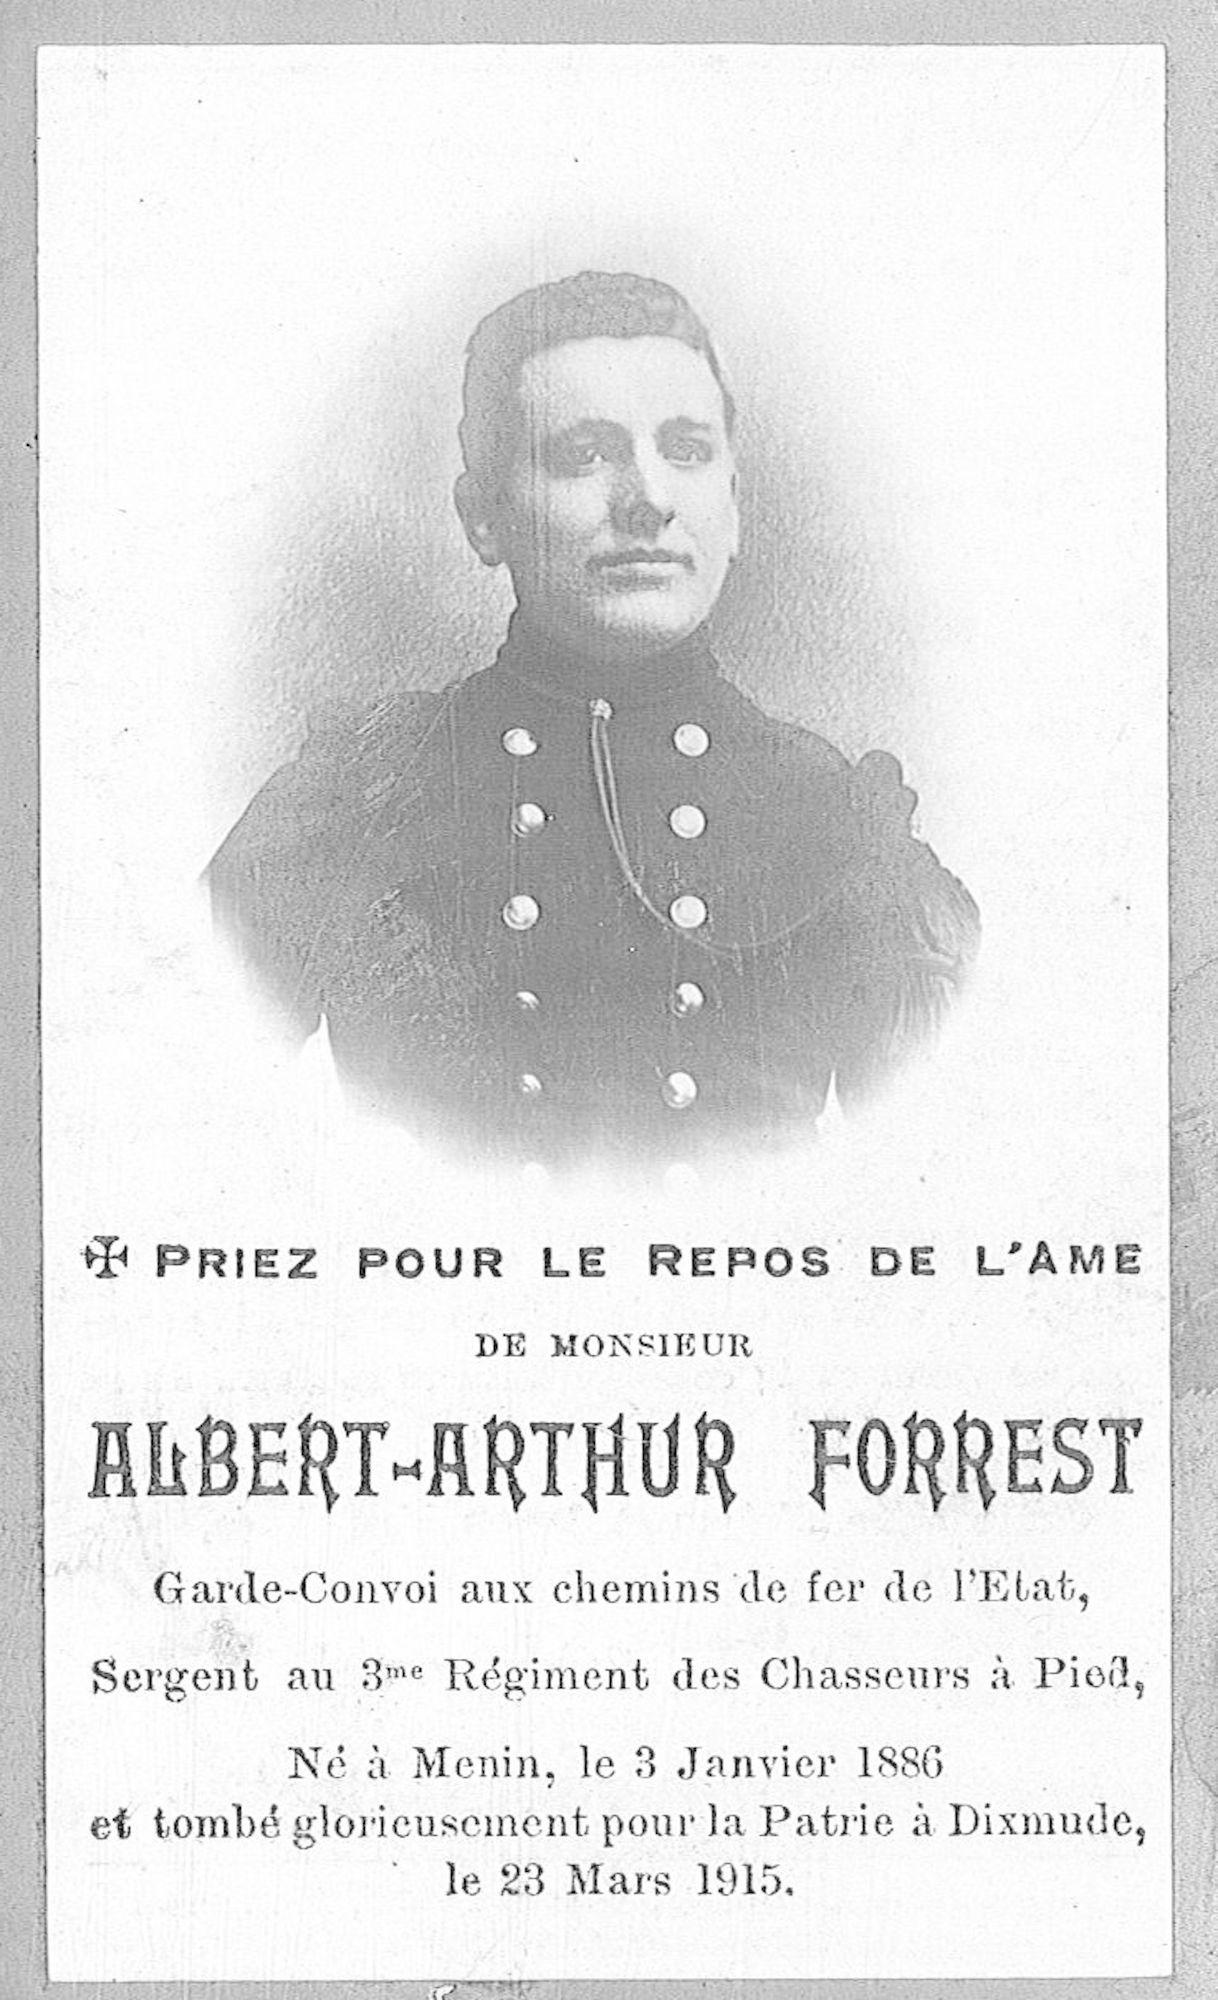 Albert-Arthur Forrest